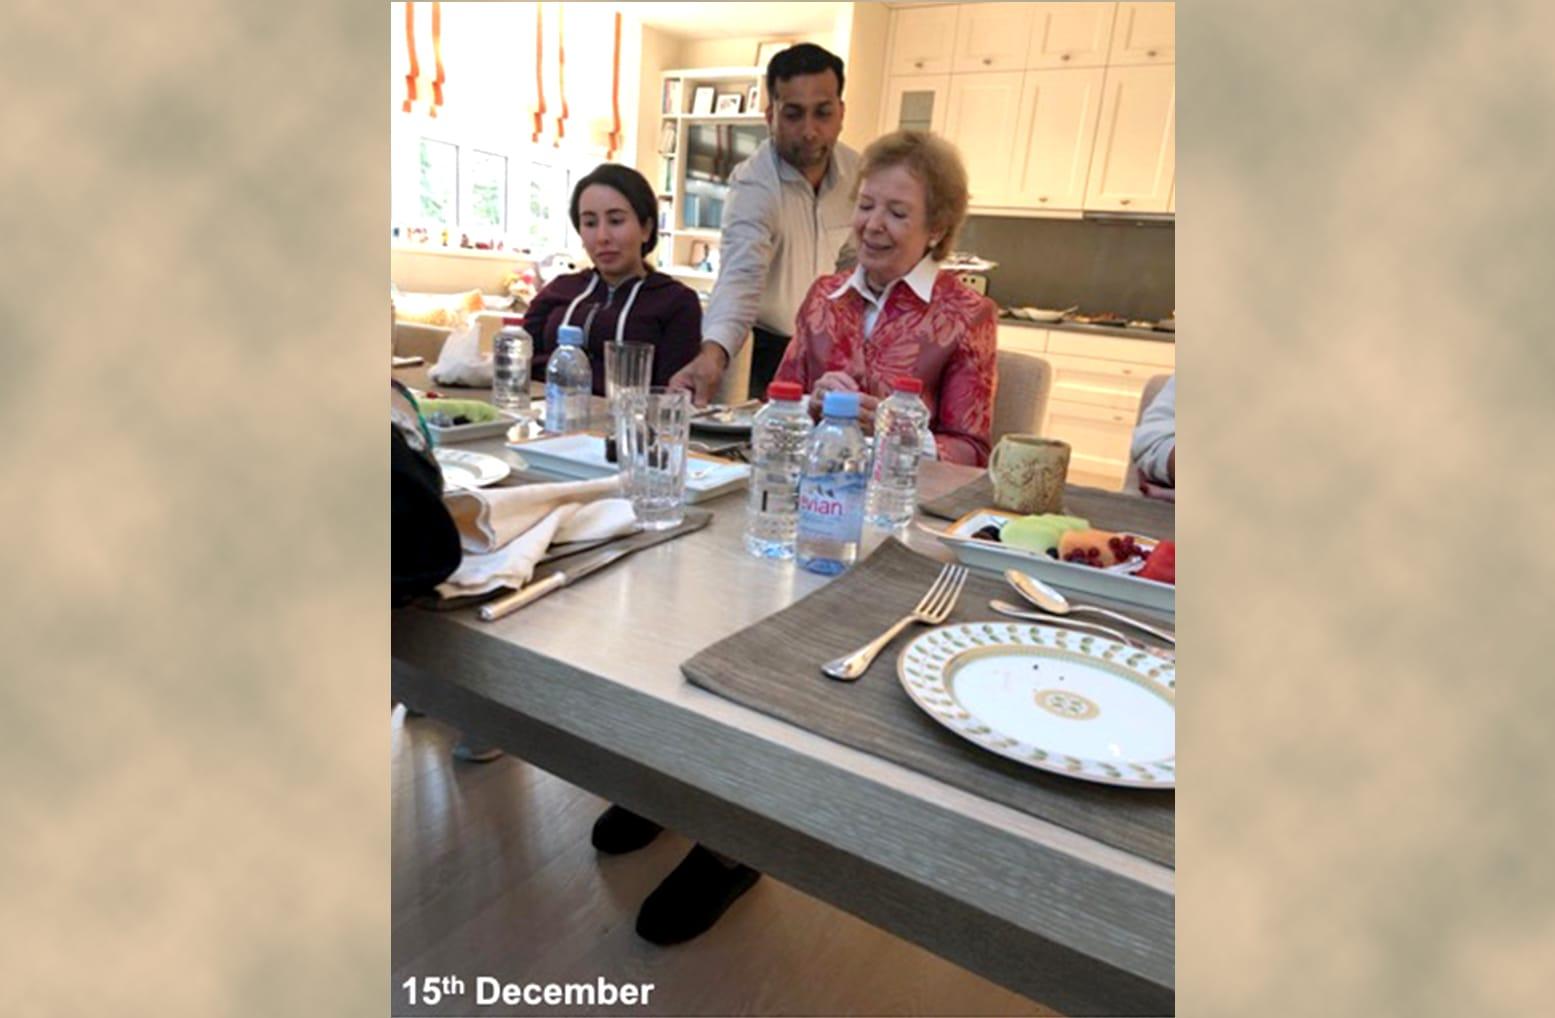 كأول دليل على أنها حية.. الإمارات تنشر صورا للشيخة لطيفة بنت محمد بن راشد